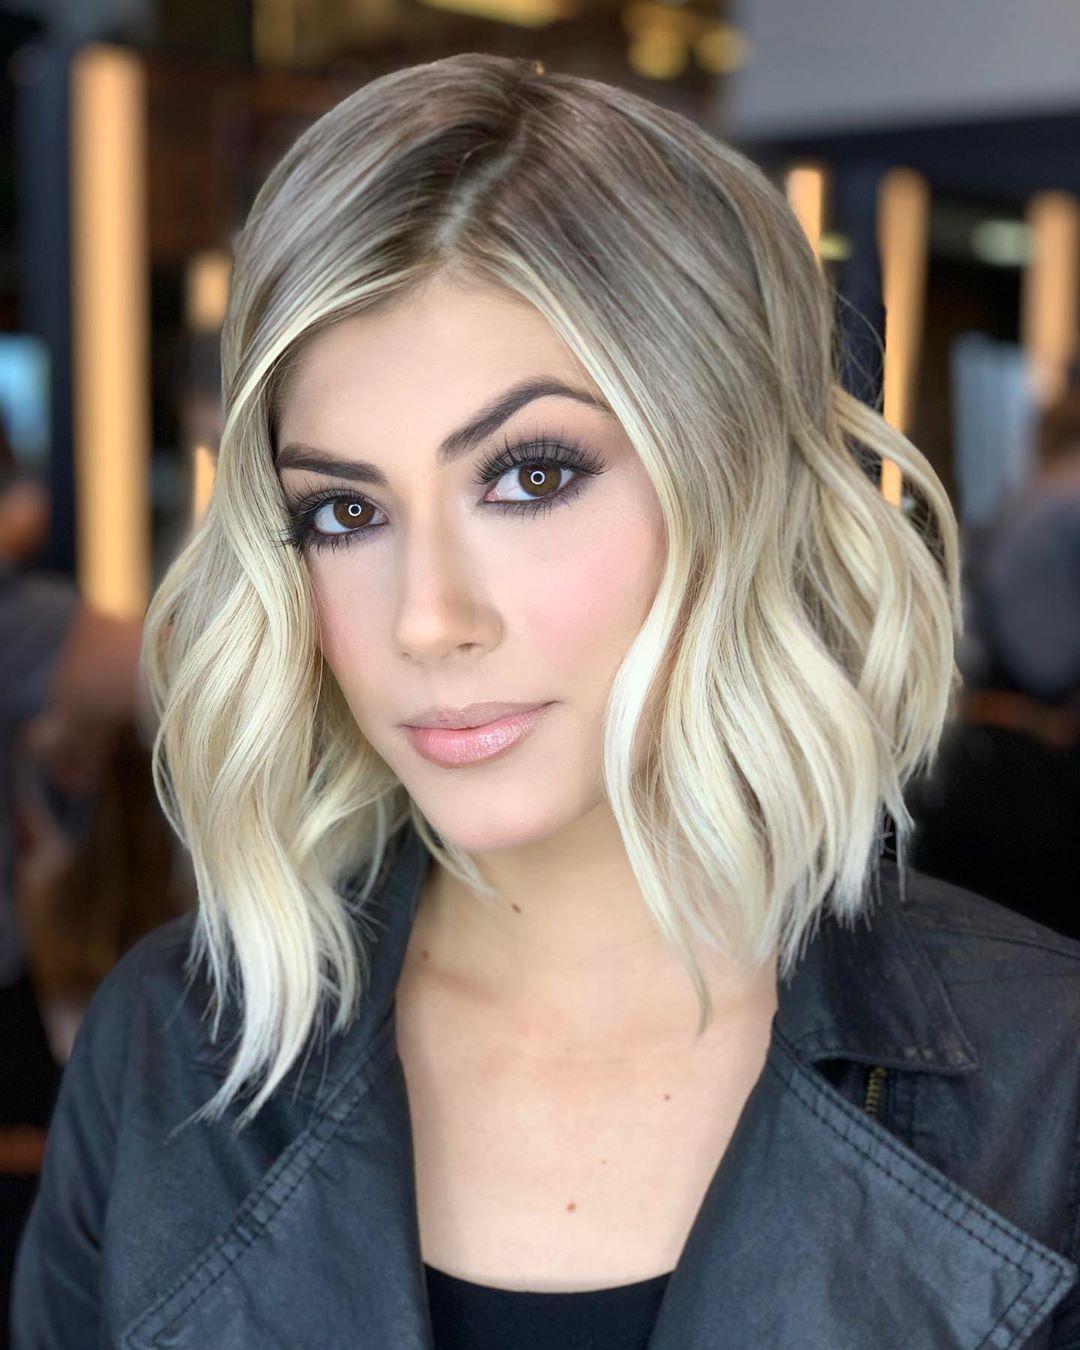 Растяжка цвета на волосах фото 26